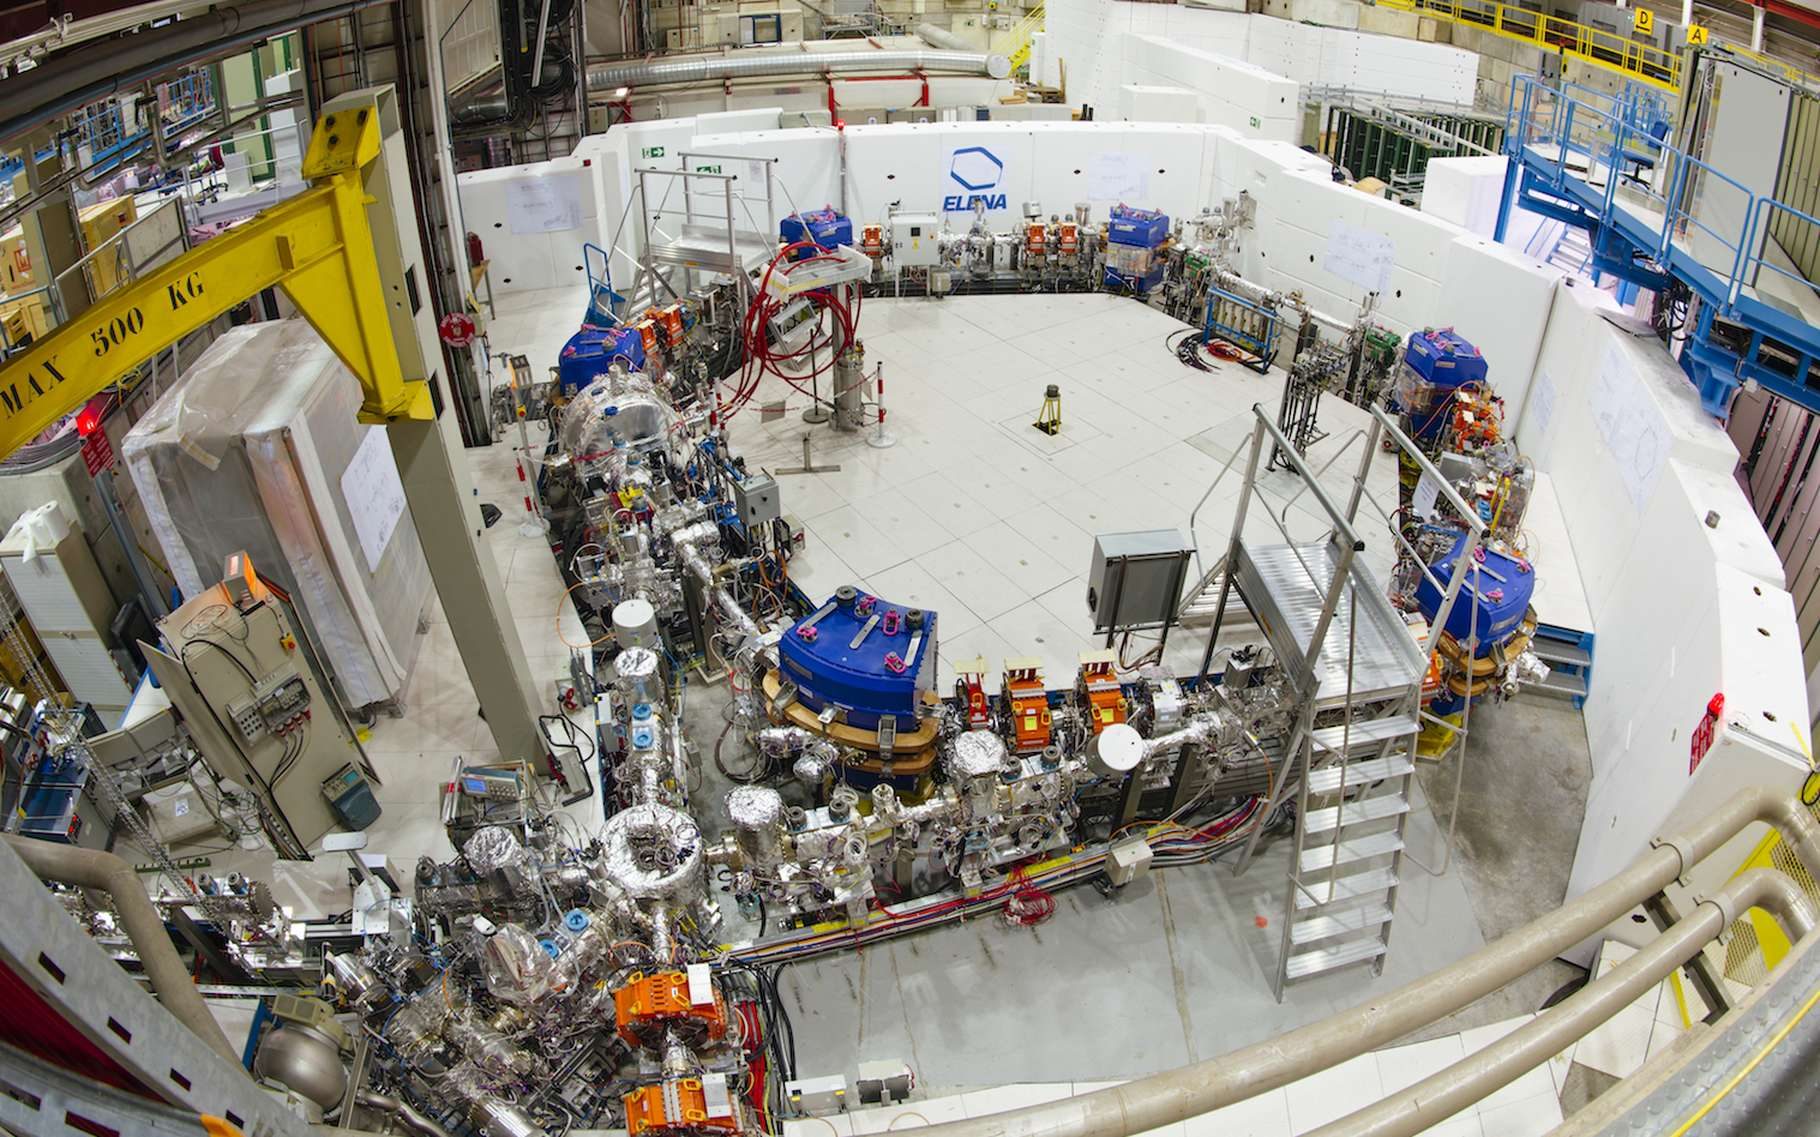 Les chercheurs du Cern prévoient de transporter des antiprotons — ralentis grâce à une installation baptisée Elena et présentée ici — d'un laboratoire à un autre à bord d'un camion. © Cern